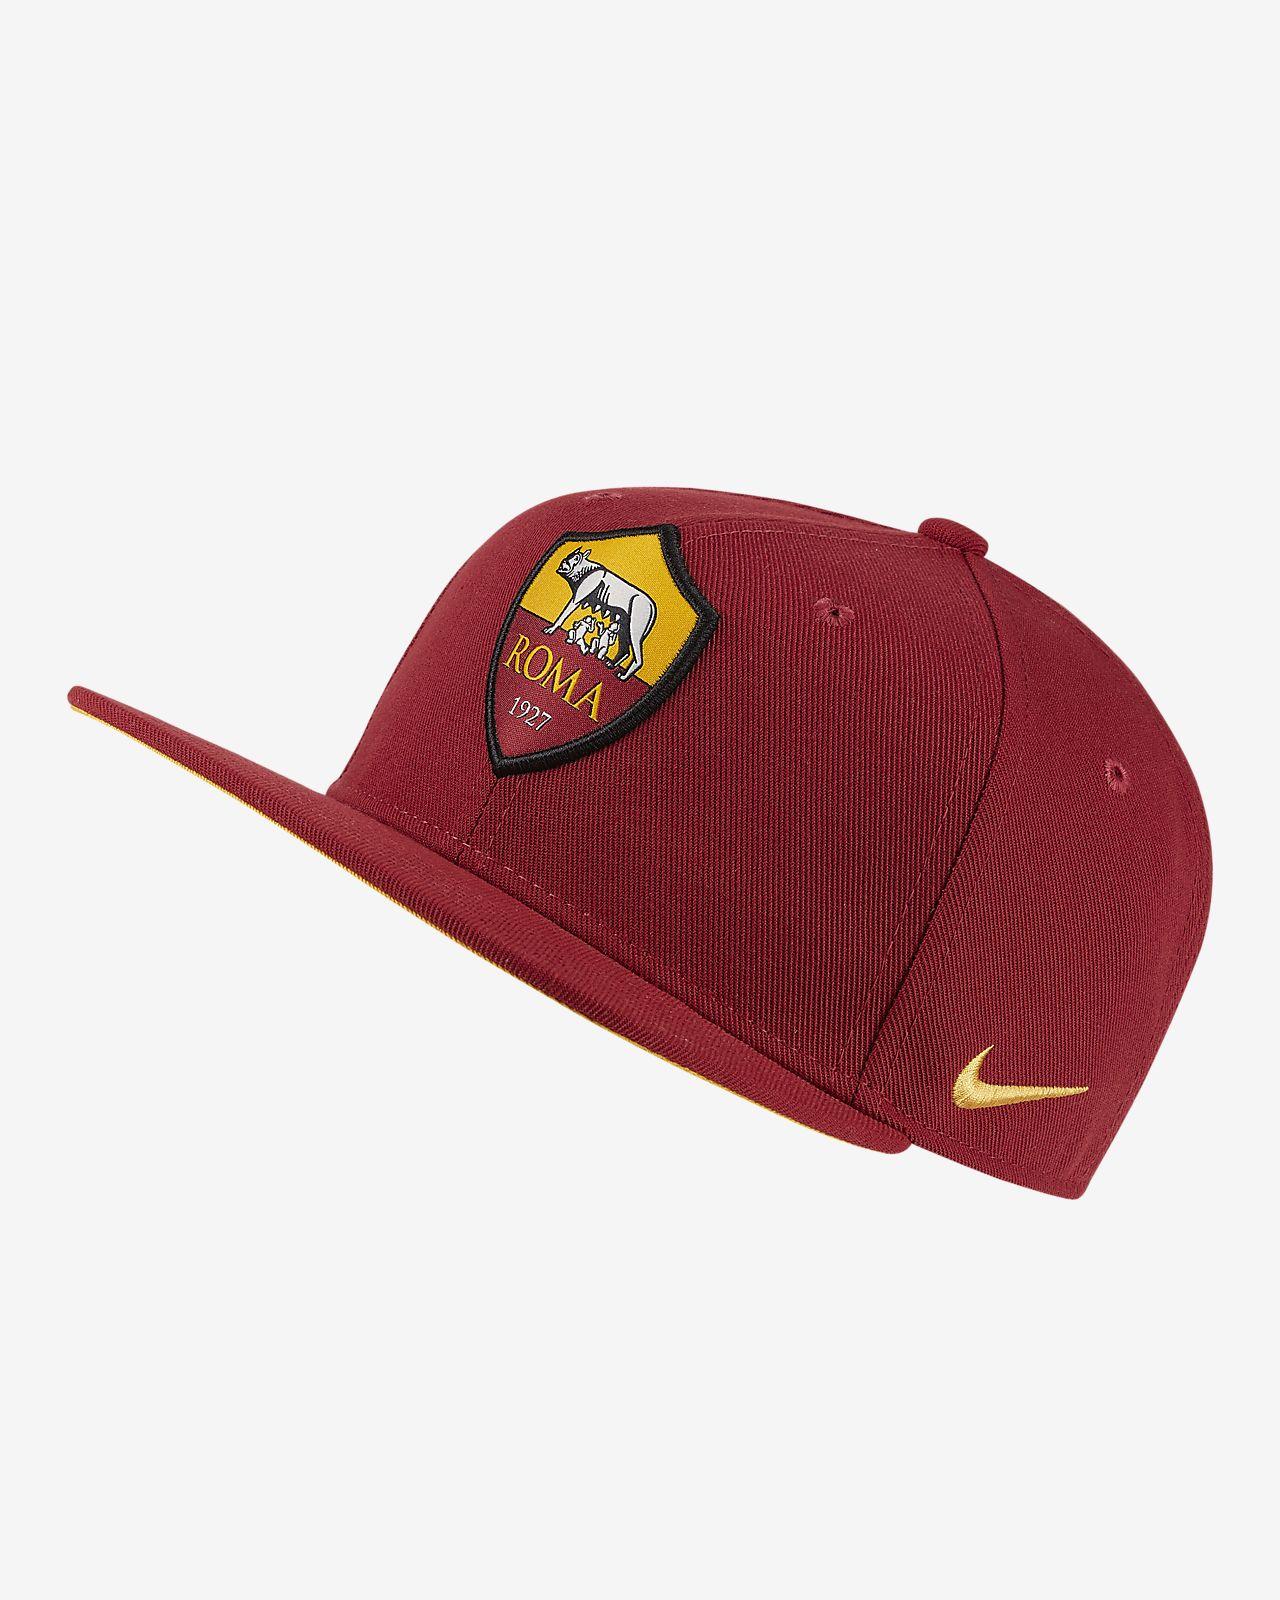 Ρυθμιζόμενο καπέλο Nike Pro A.S. Roma για μεγάλα παιδιά